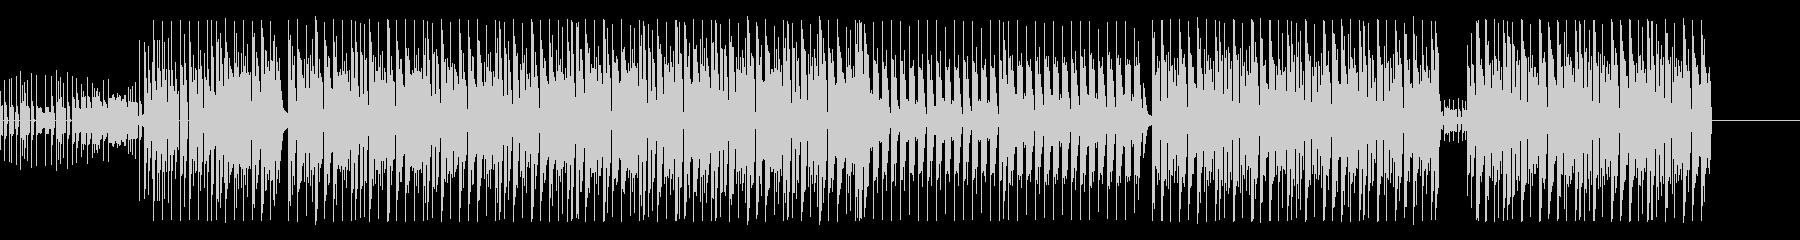 【Pf抜】軽快なピアノが印象的なEDMの未再生の波形